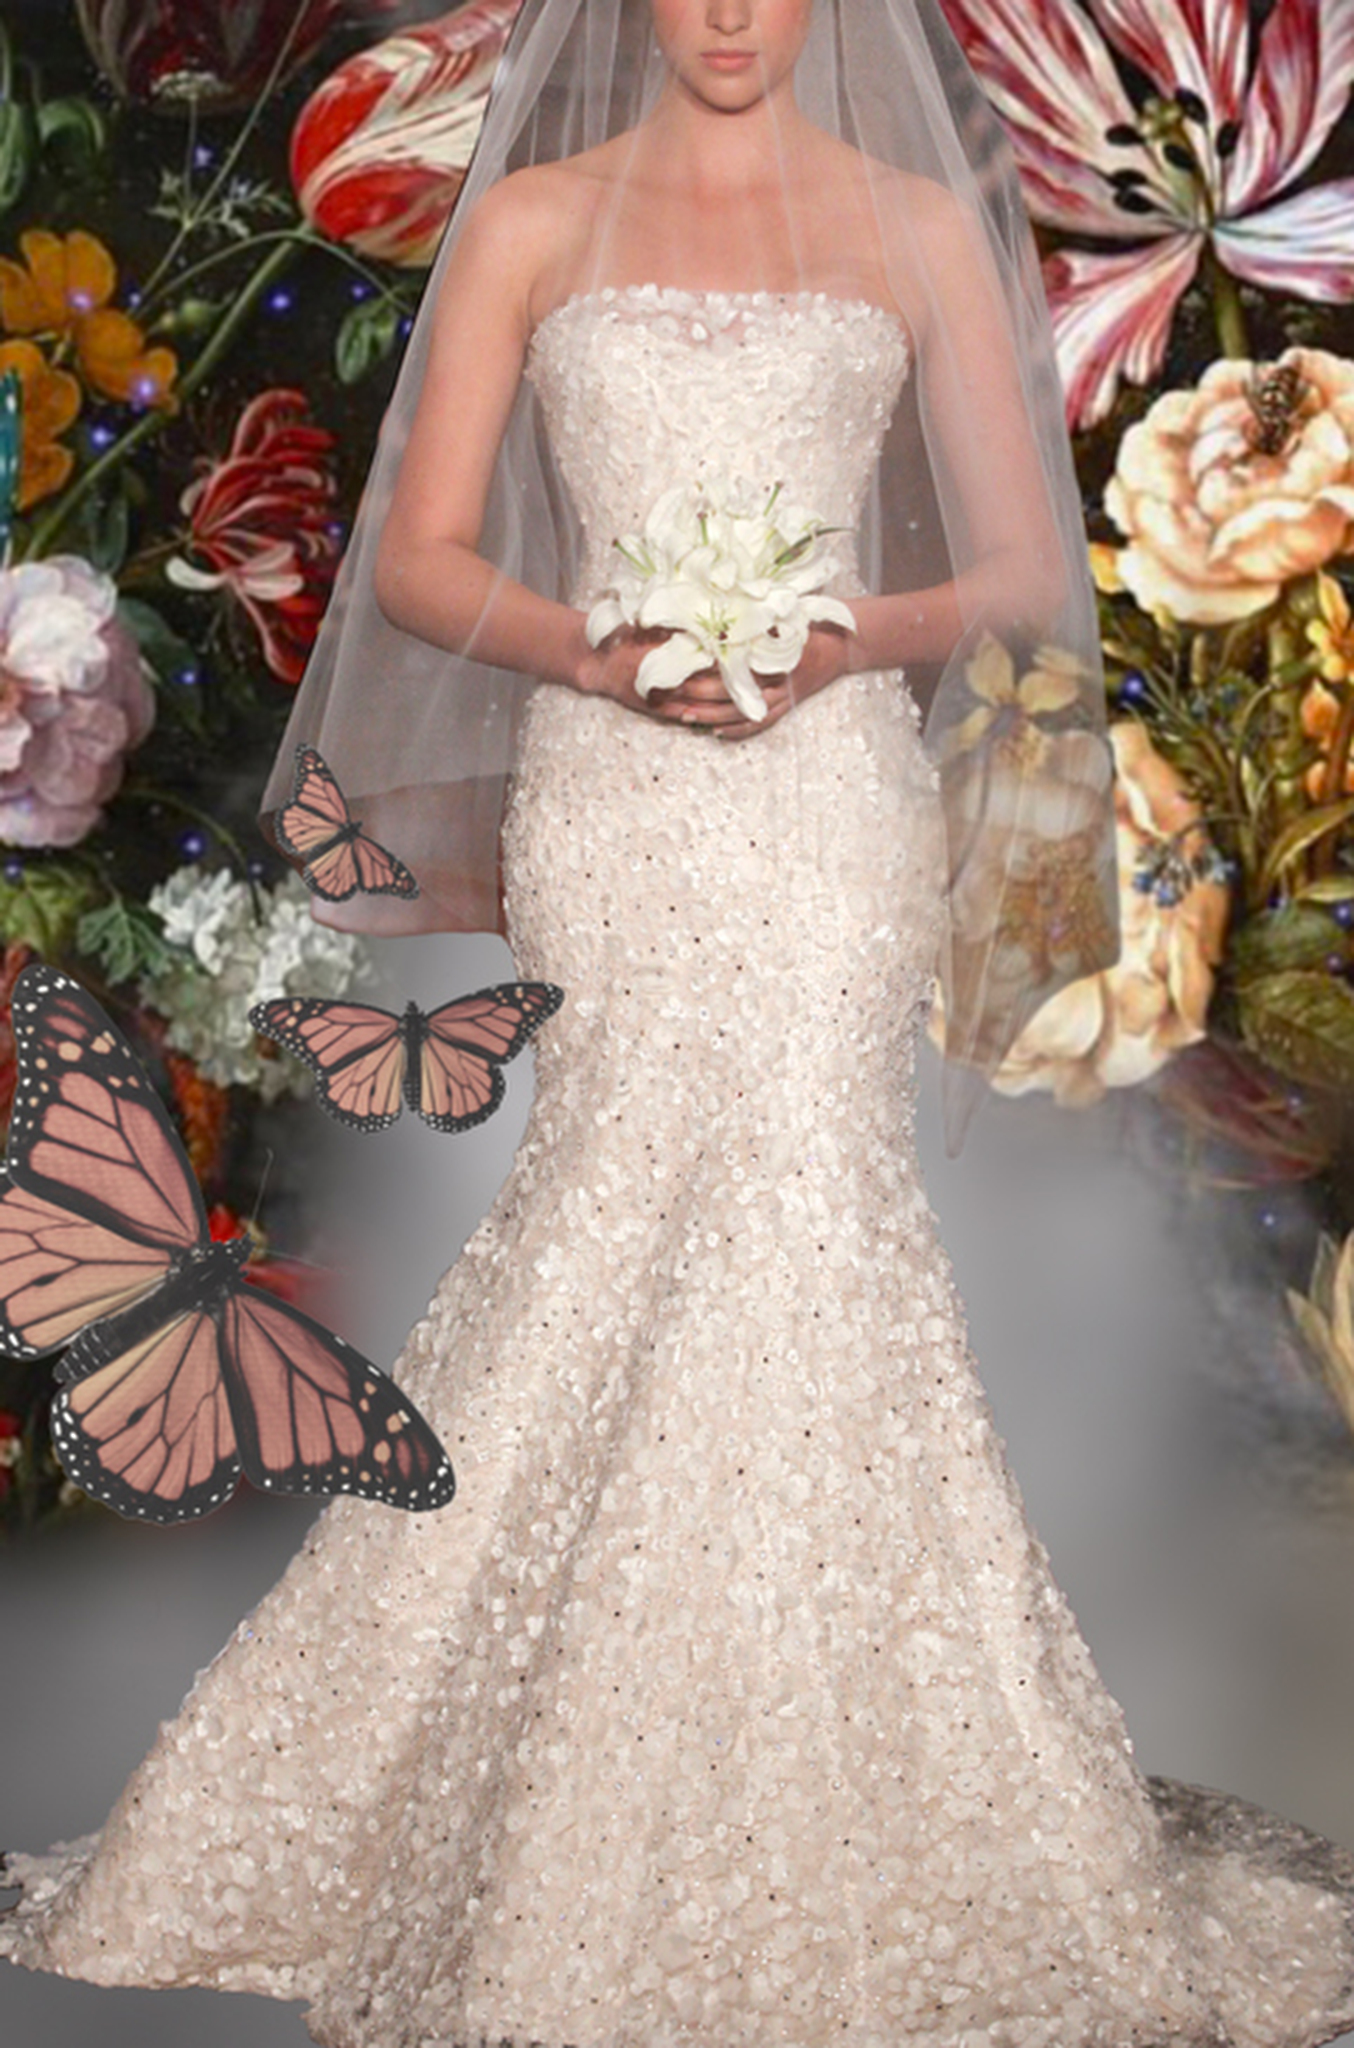 Romona Keveža Bridal Spring 2022